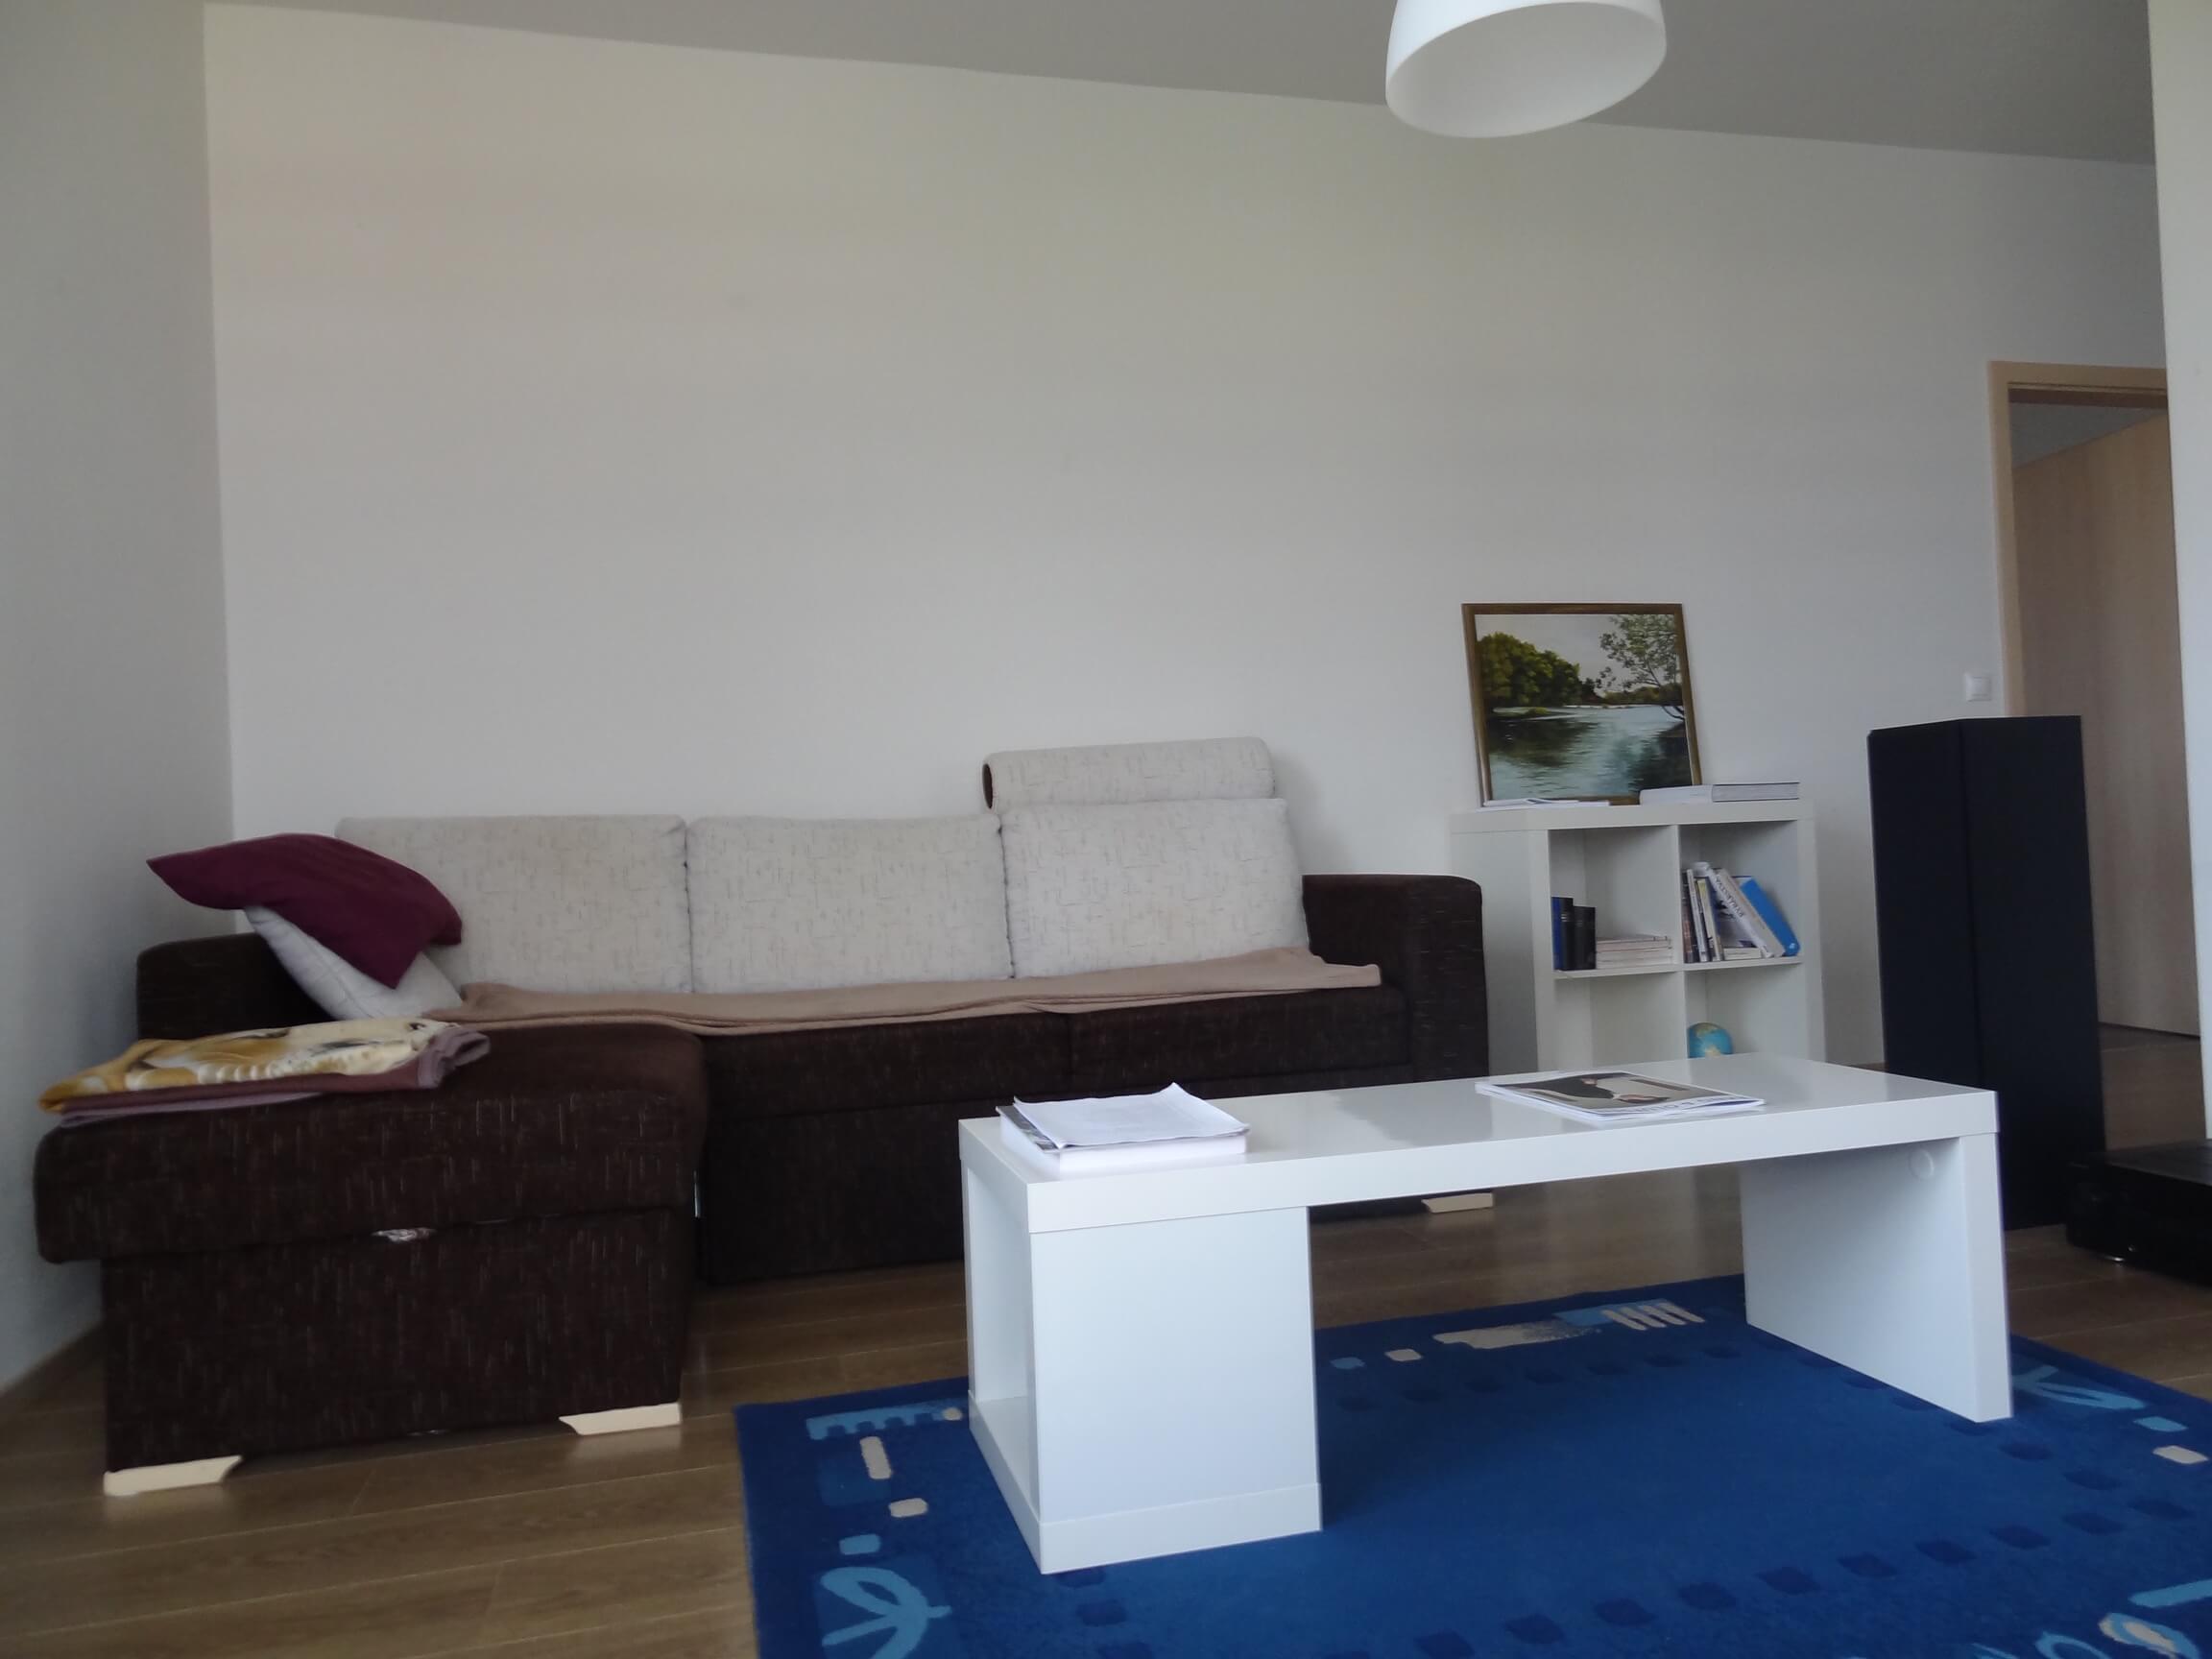 Rezervovaný: Exkluzívne na predaj 3 Izbový byt v novostavbe, 87,2m2, loggia 7,4m2, Družstevná, Hamuliakovo-22